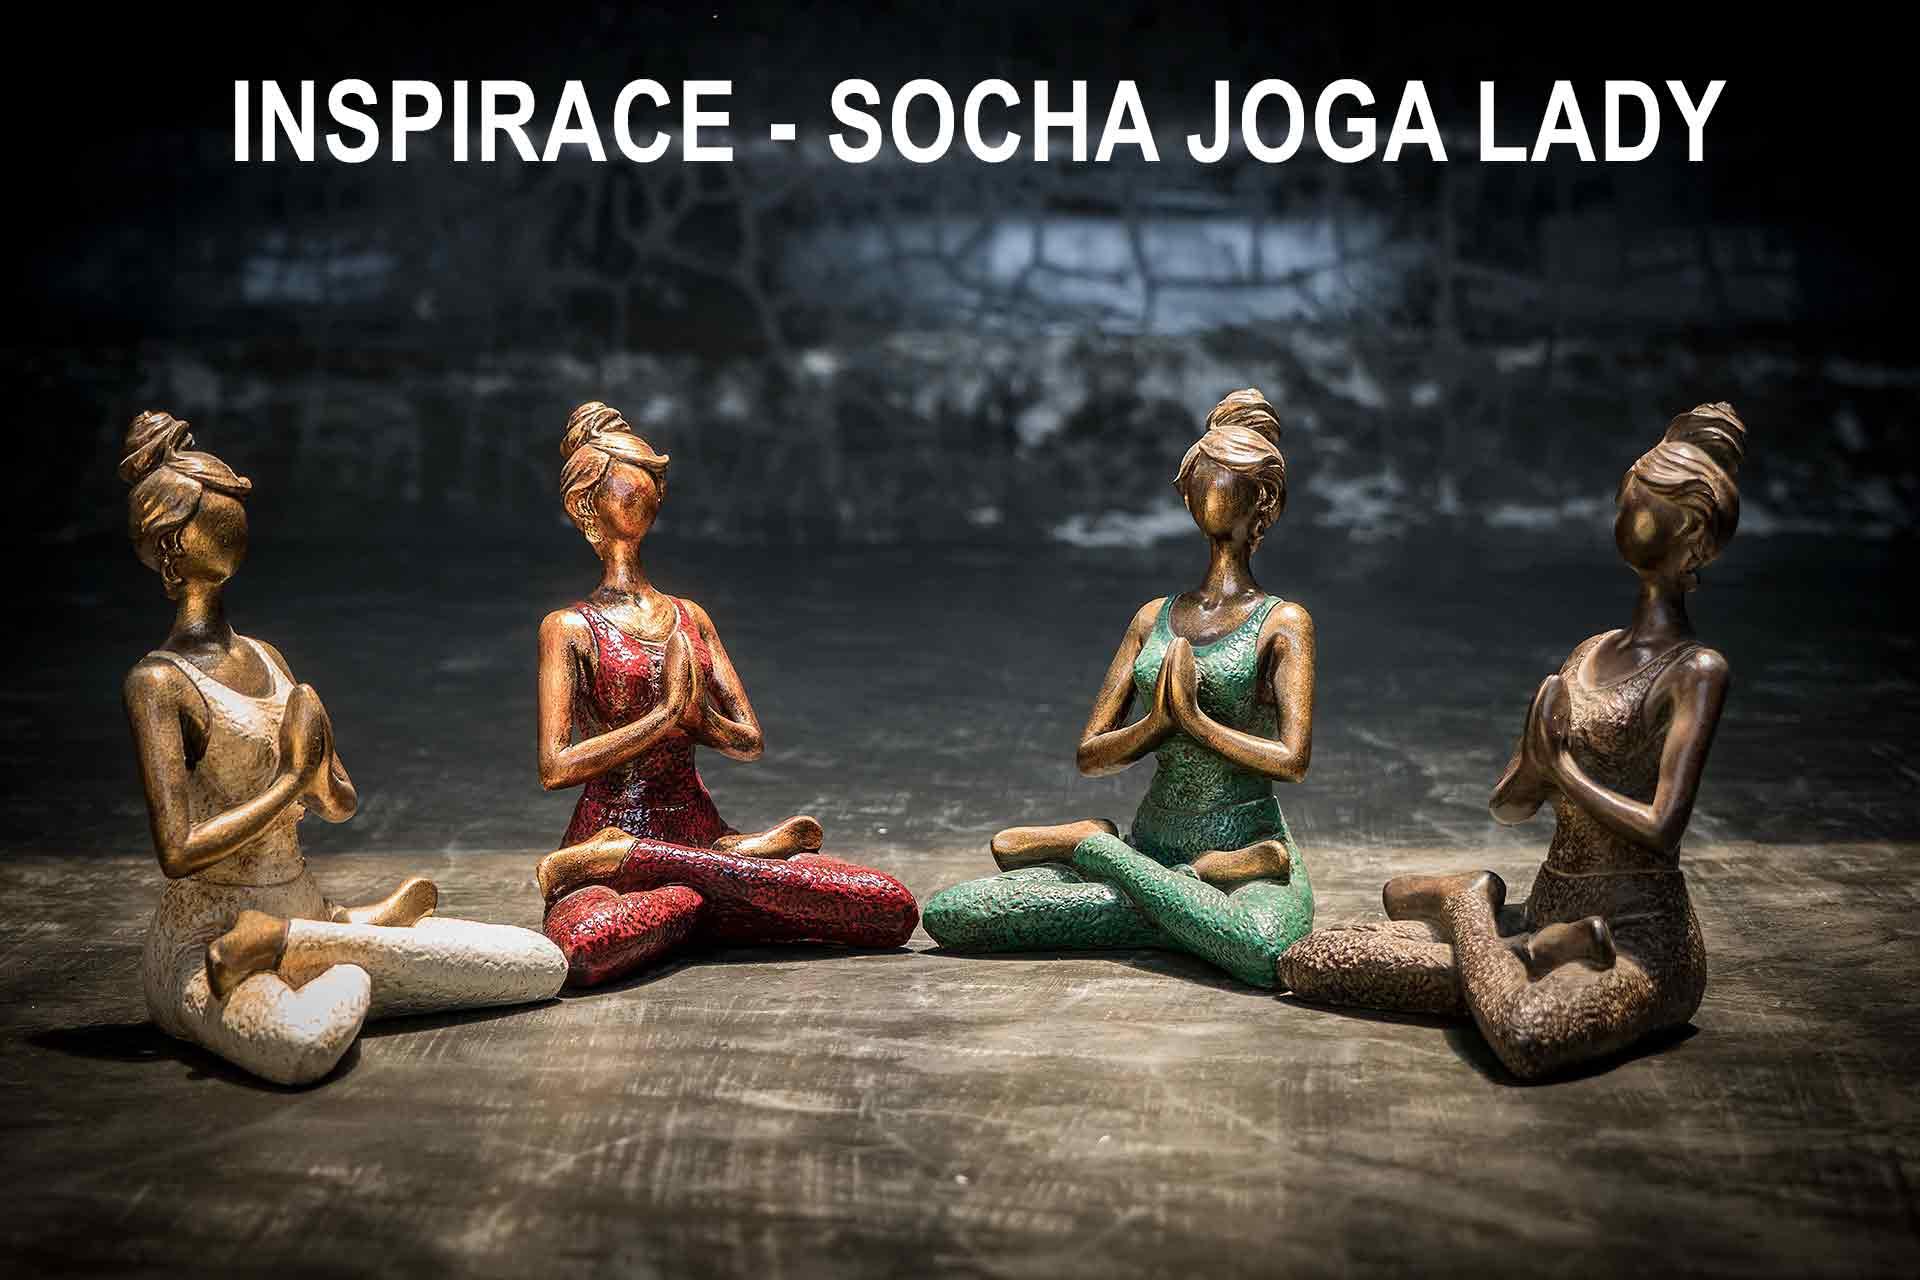 inspirace joga lady